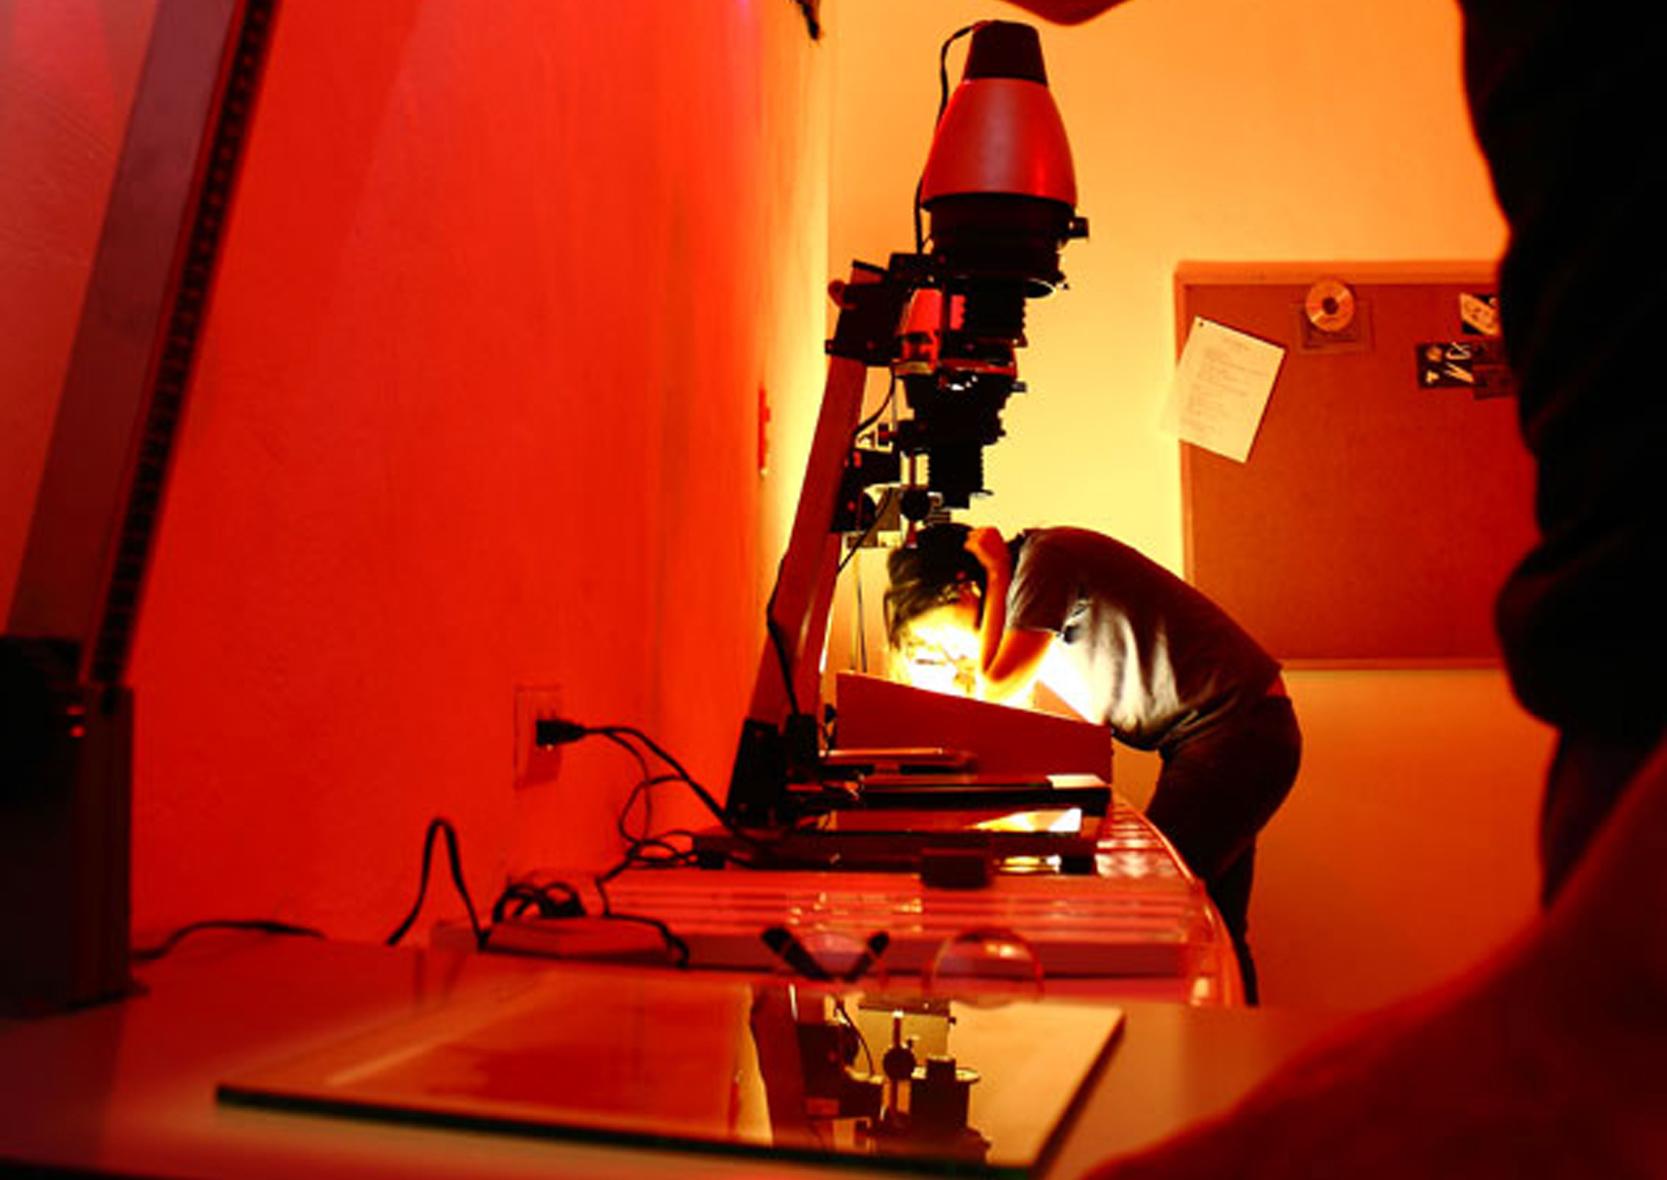 Laboratorio Fotográfico uno